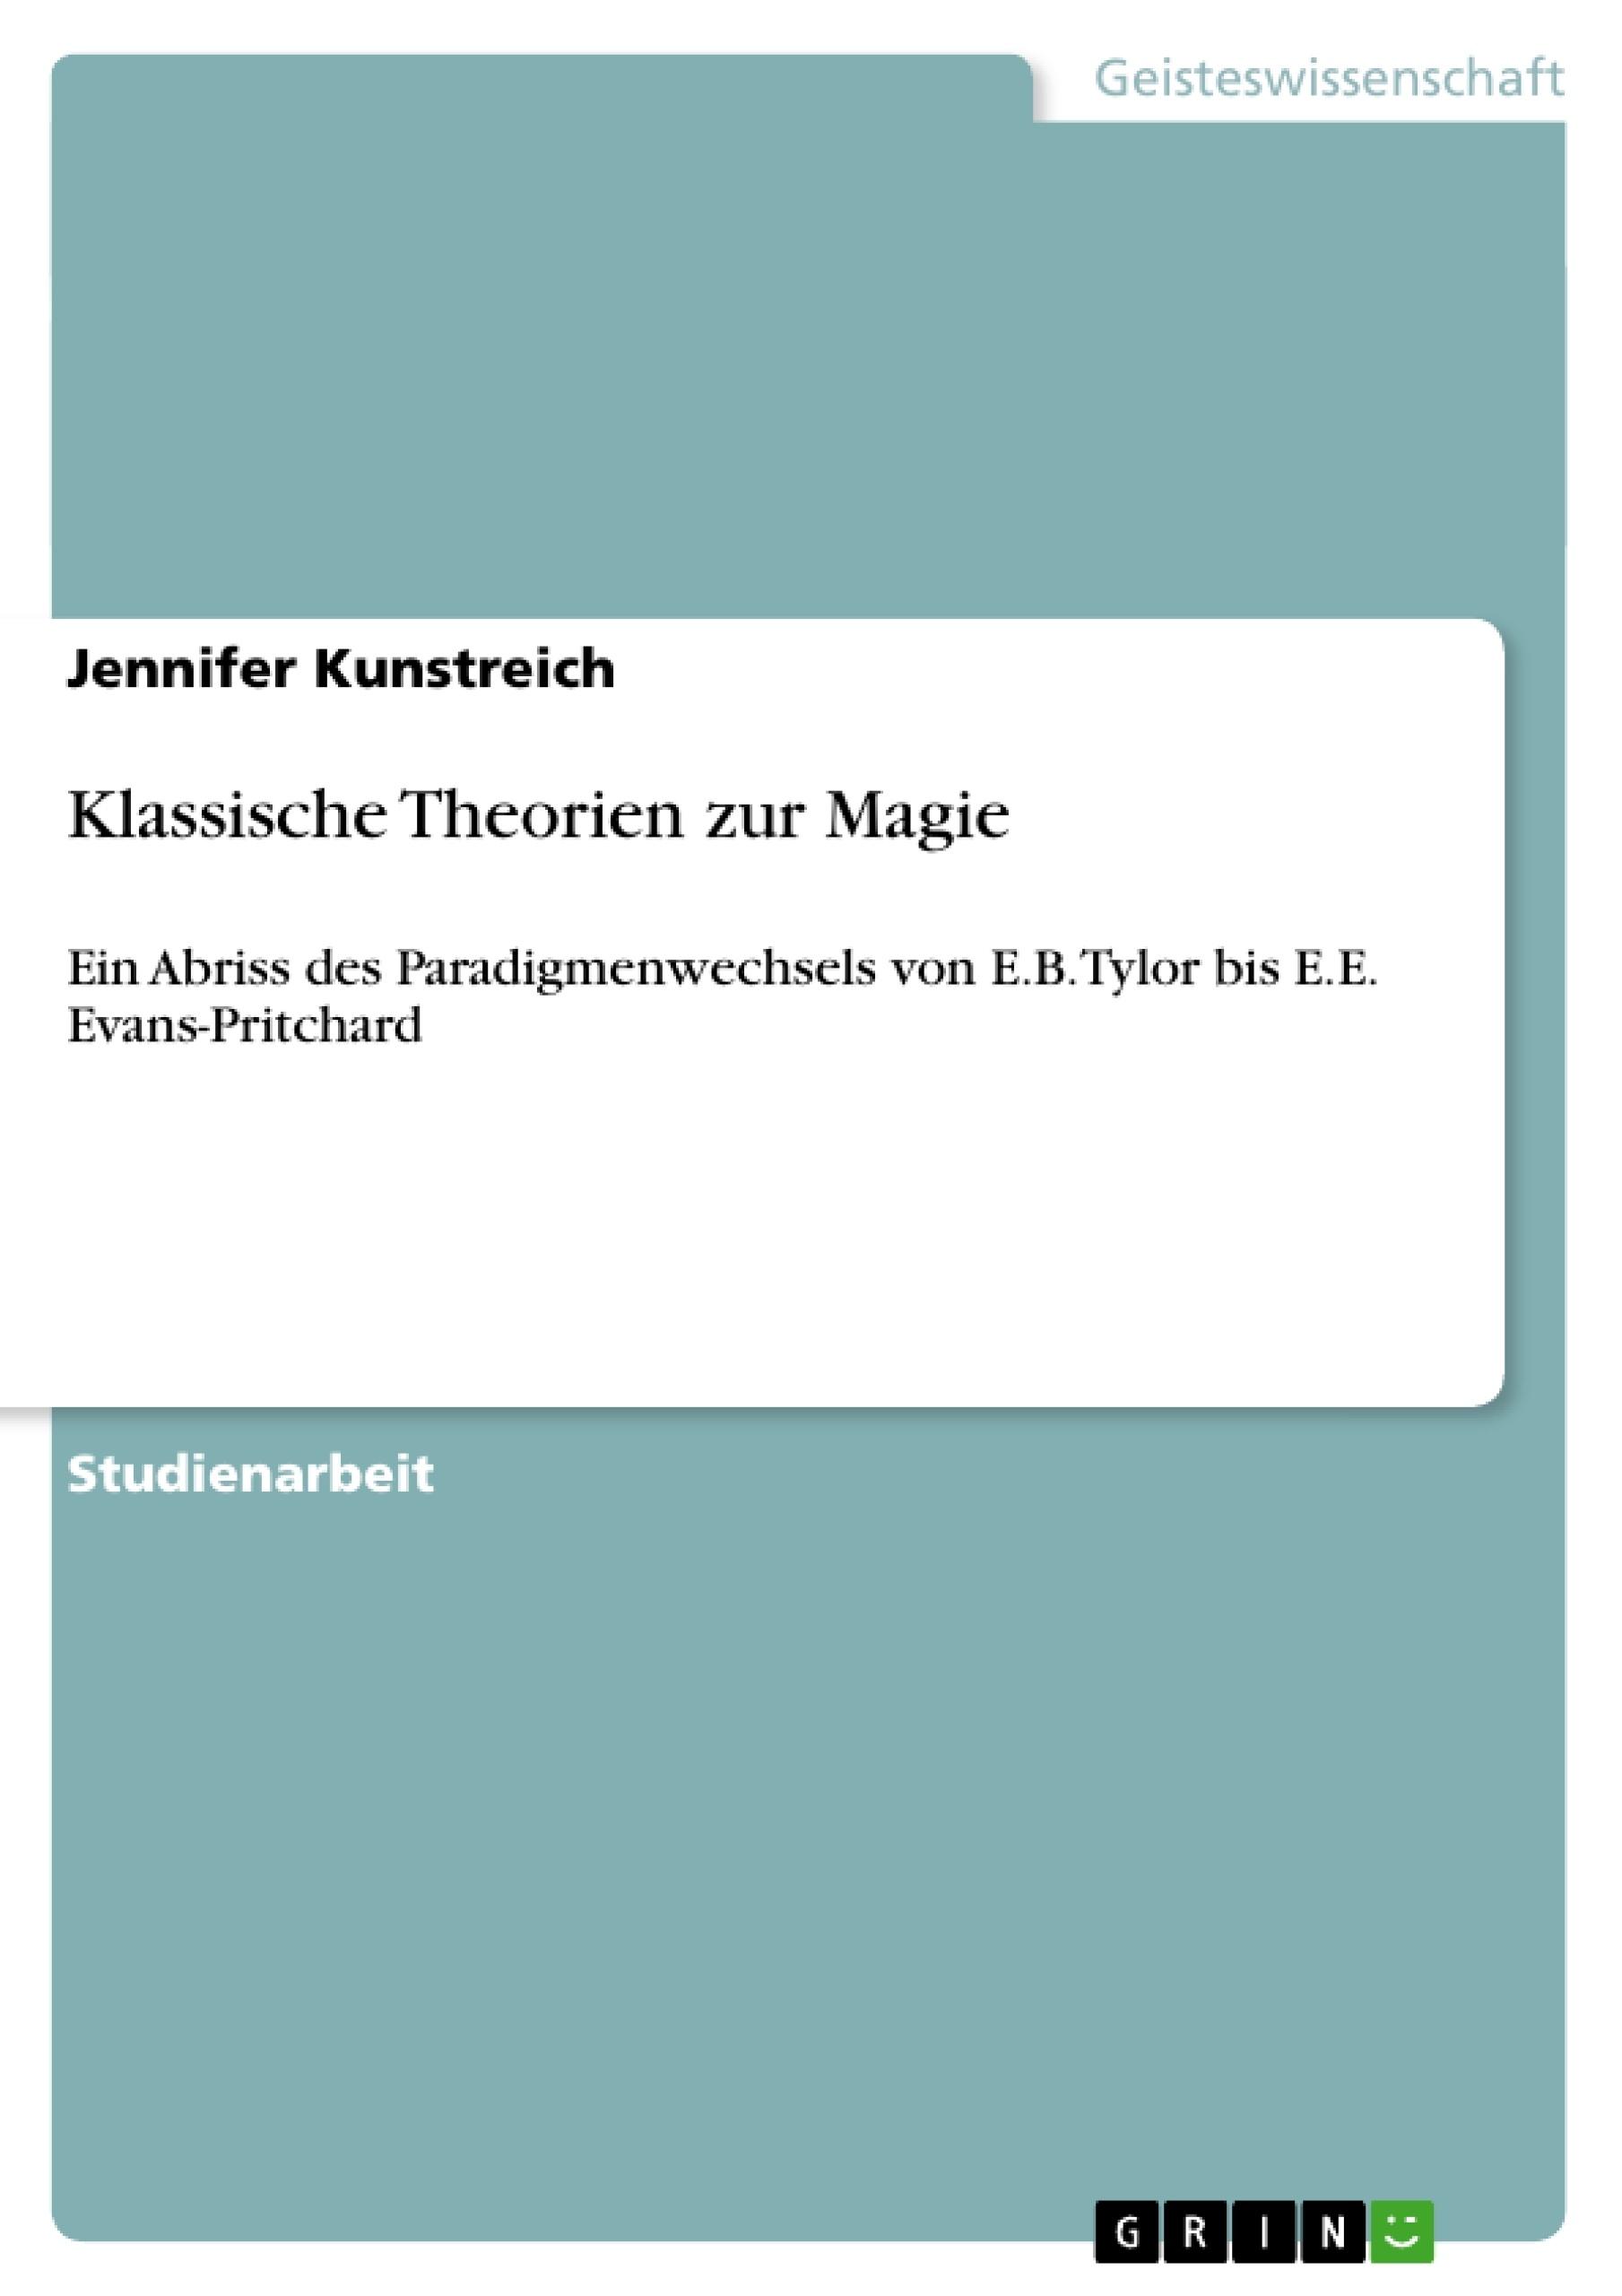 Titel: Klassische Theorien zur Magie